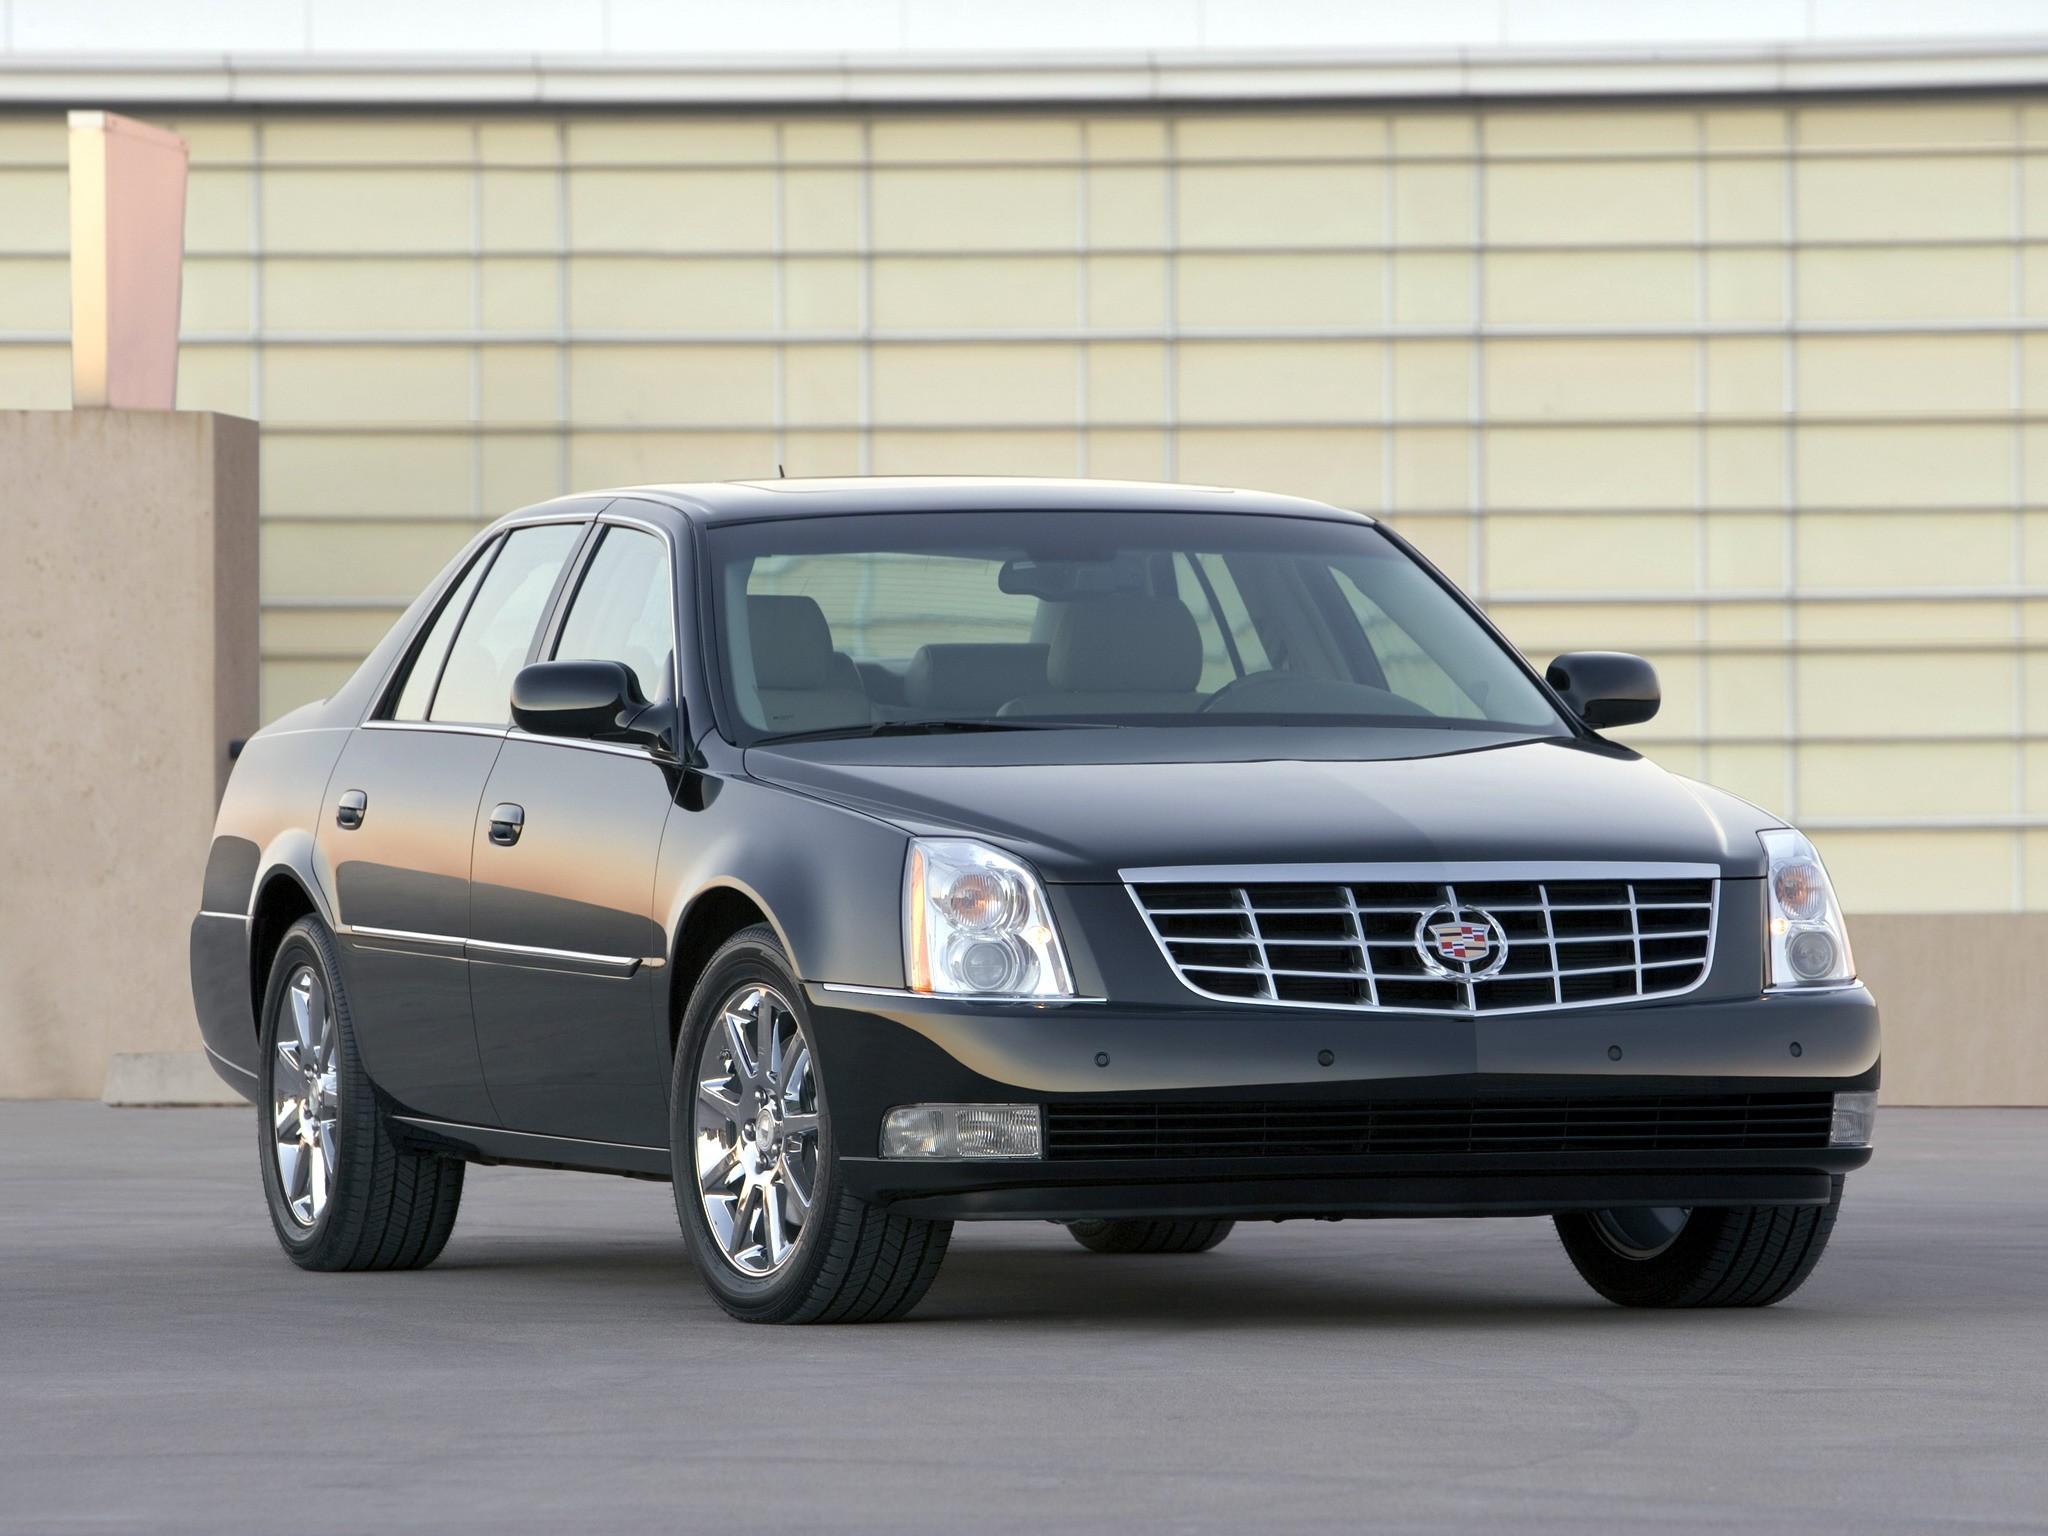 dts cadillac features exterior photos reviews price sedan